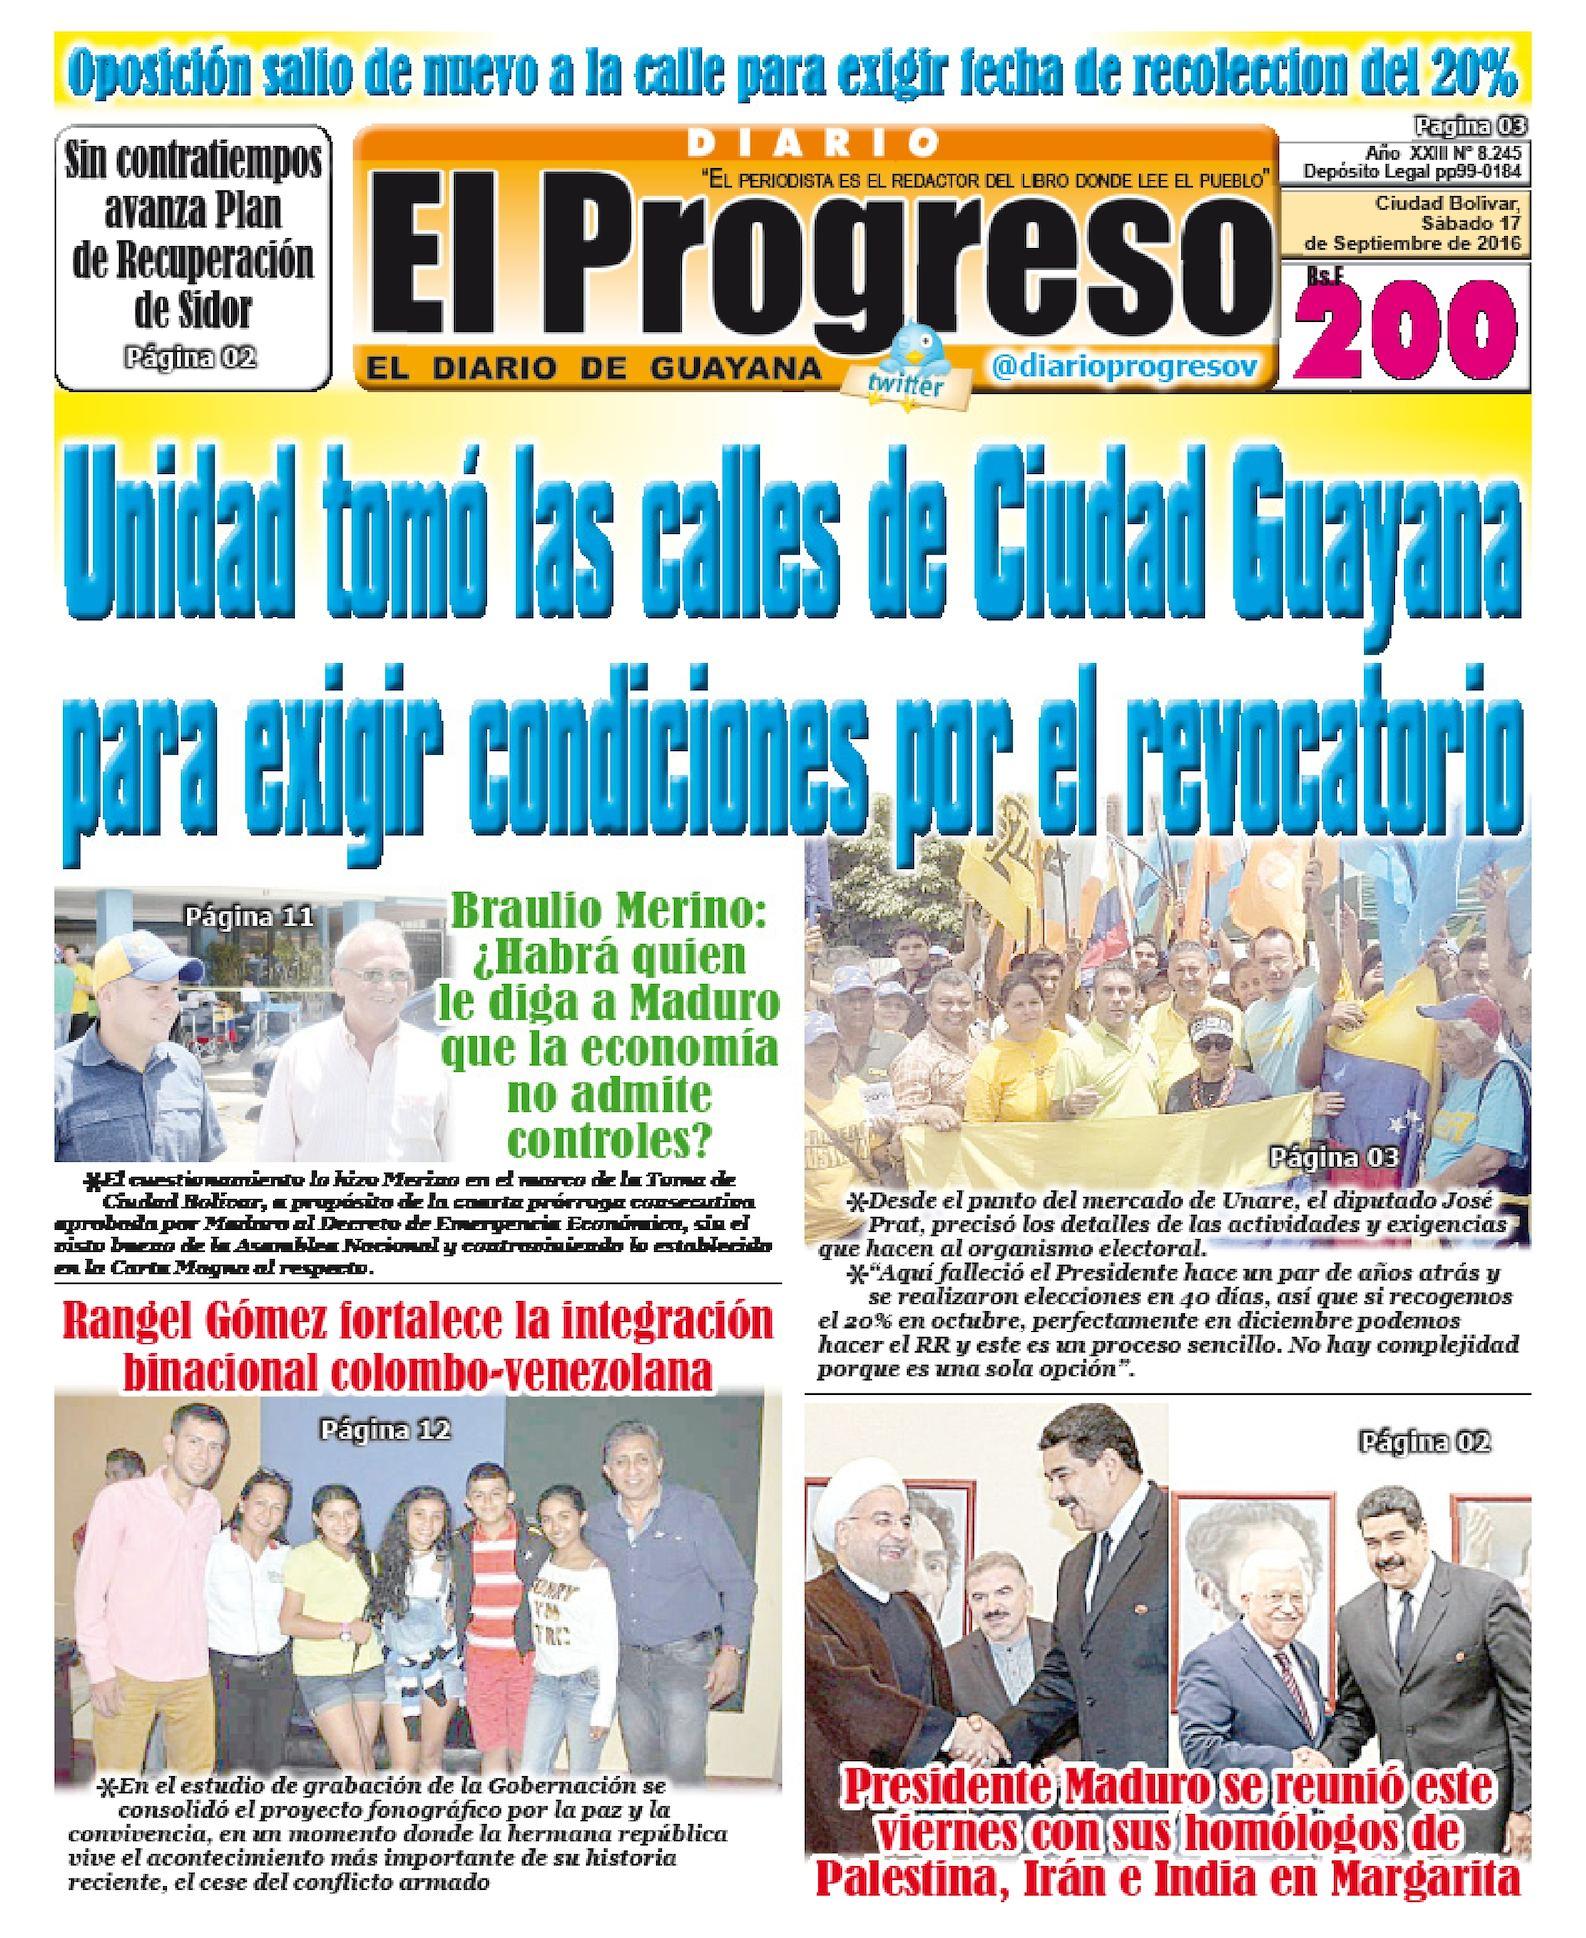 Calaméo - Diarioelprogreso2016 09 17 eaedb1774a1